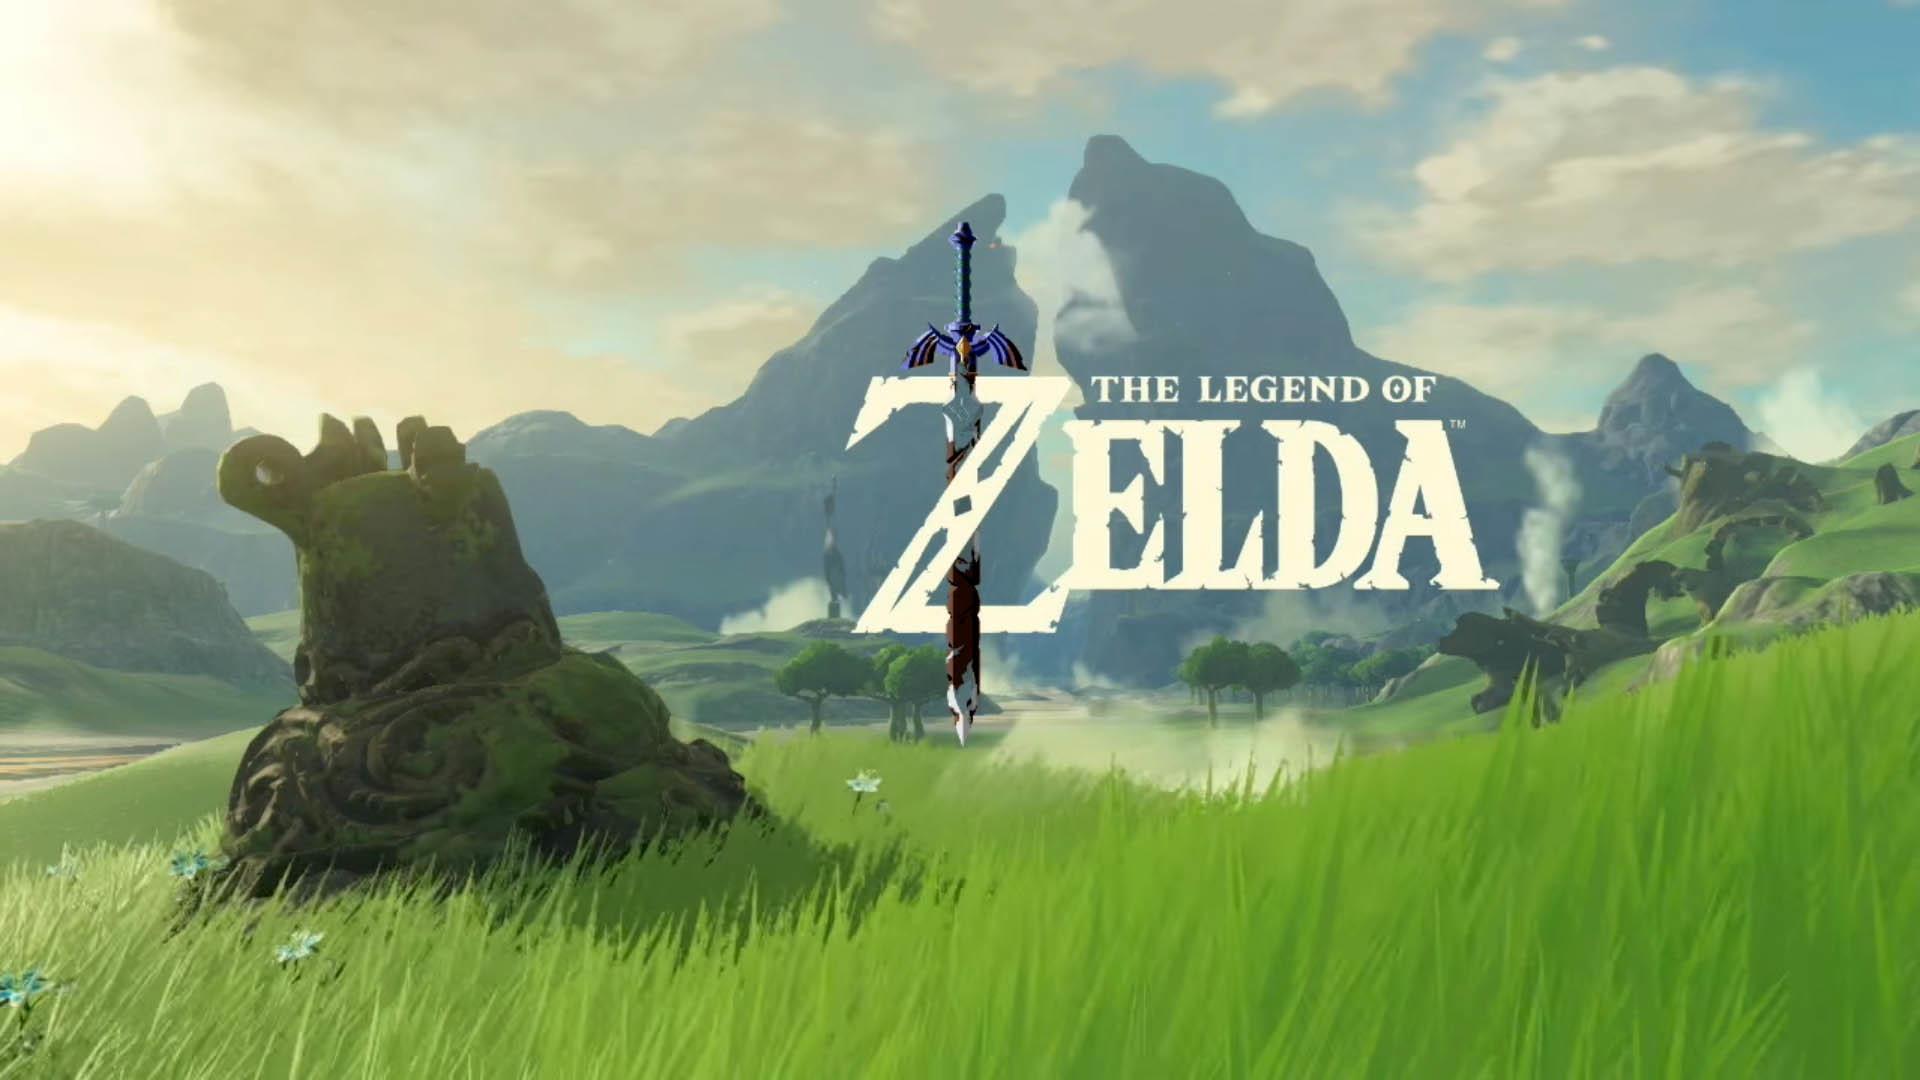 The Legend of Zelda wallpaper